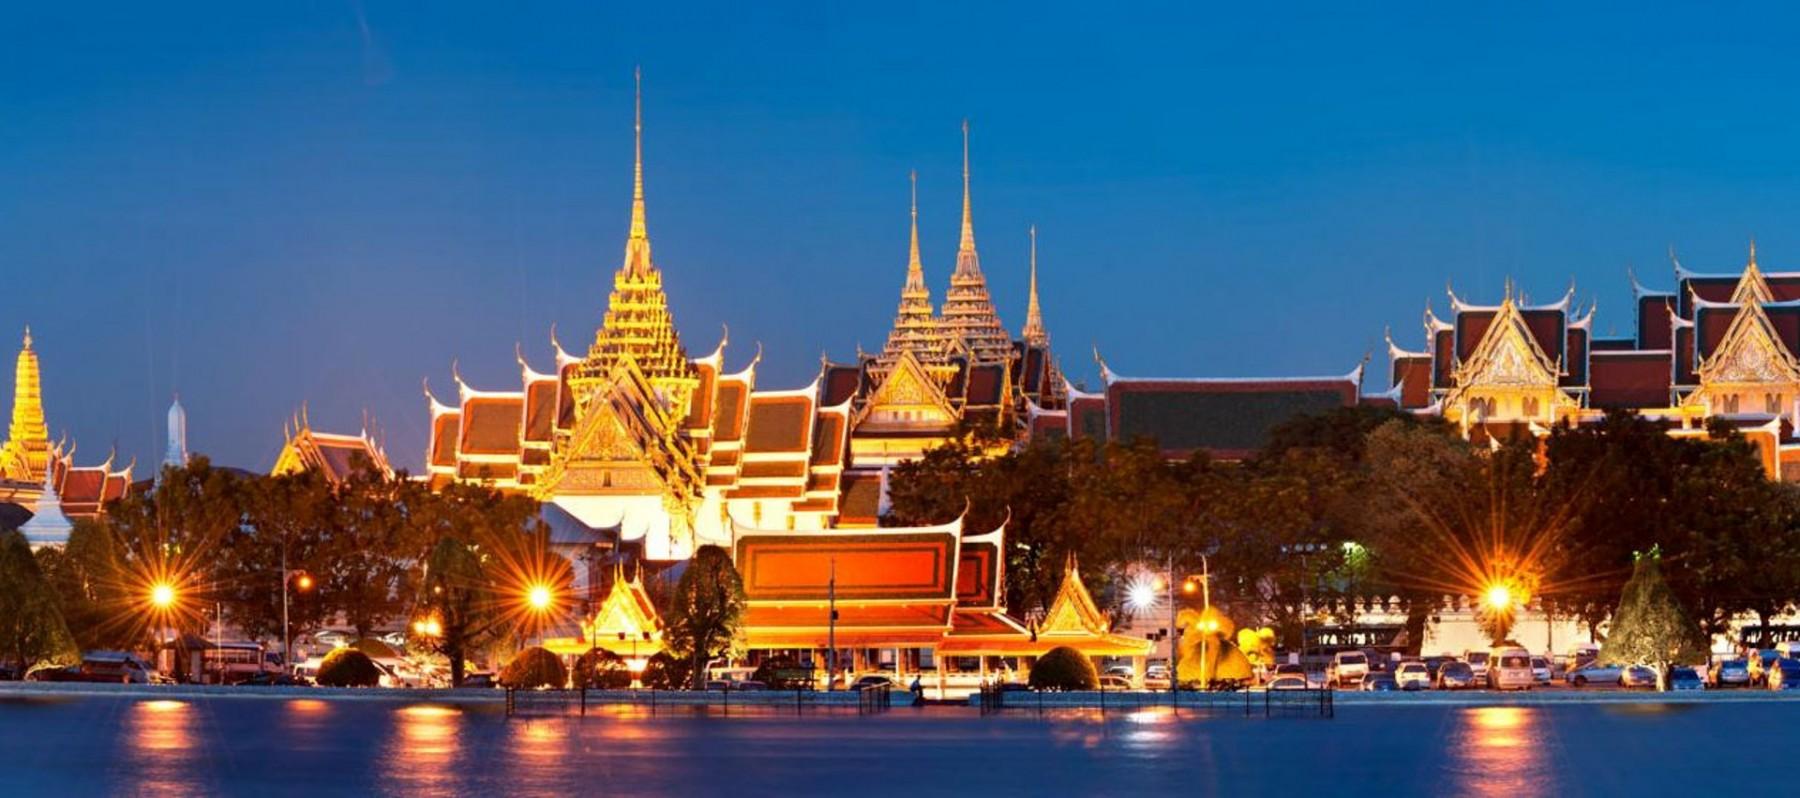 Grand Sukhumvit Hotel Bangkok - Grand Palace Bangkok